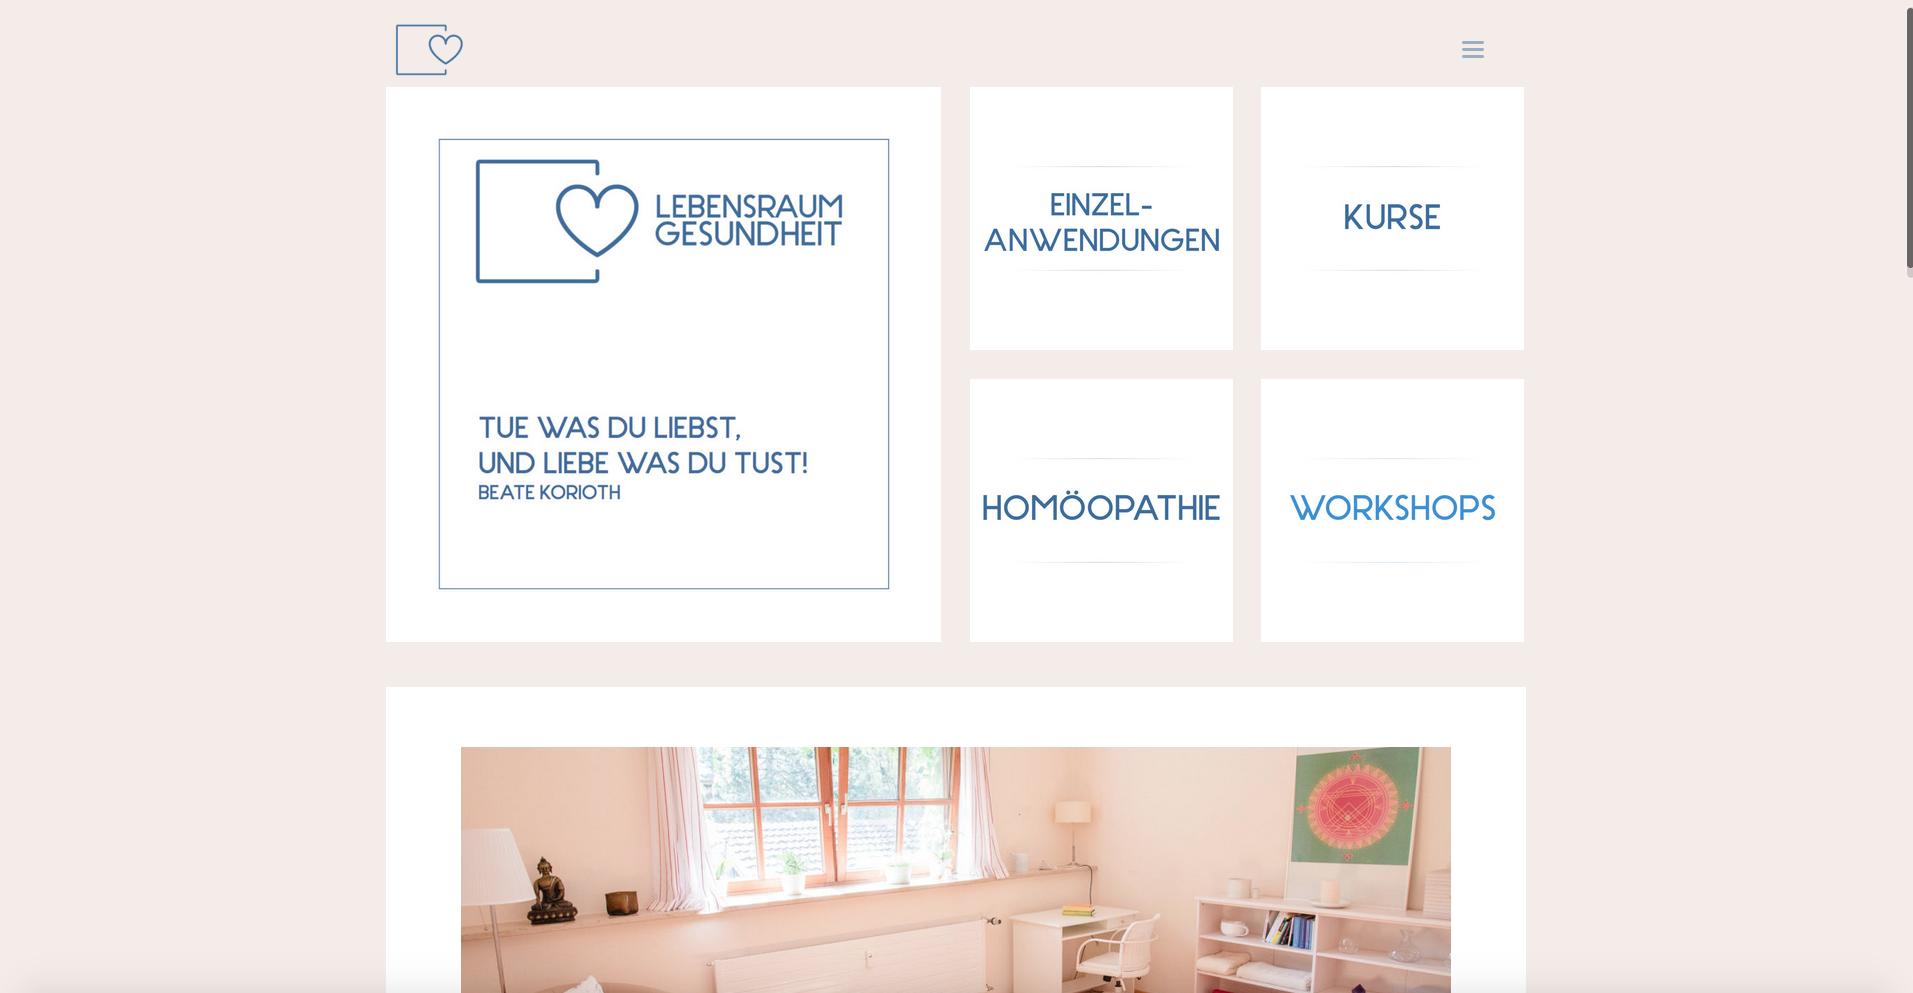 Fresh Herbs Communications Marketing Projektmanagement Website Salzburg_63_Lebensraums Gesundheit